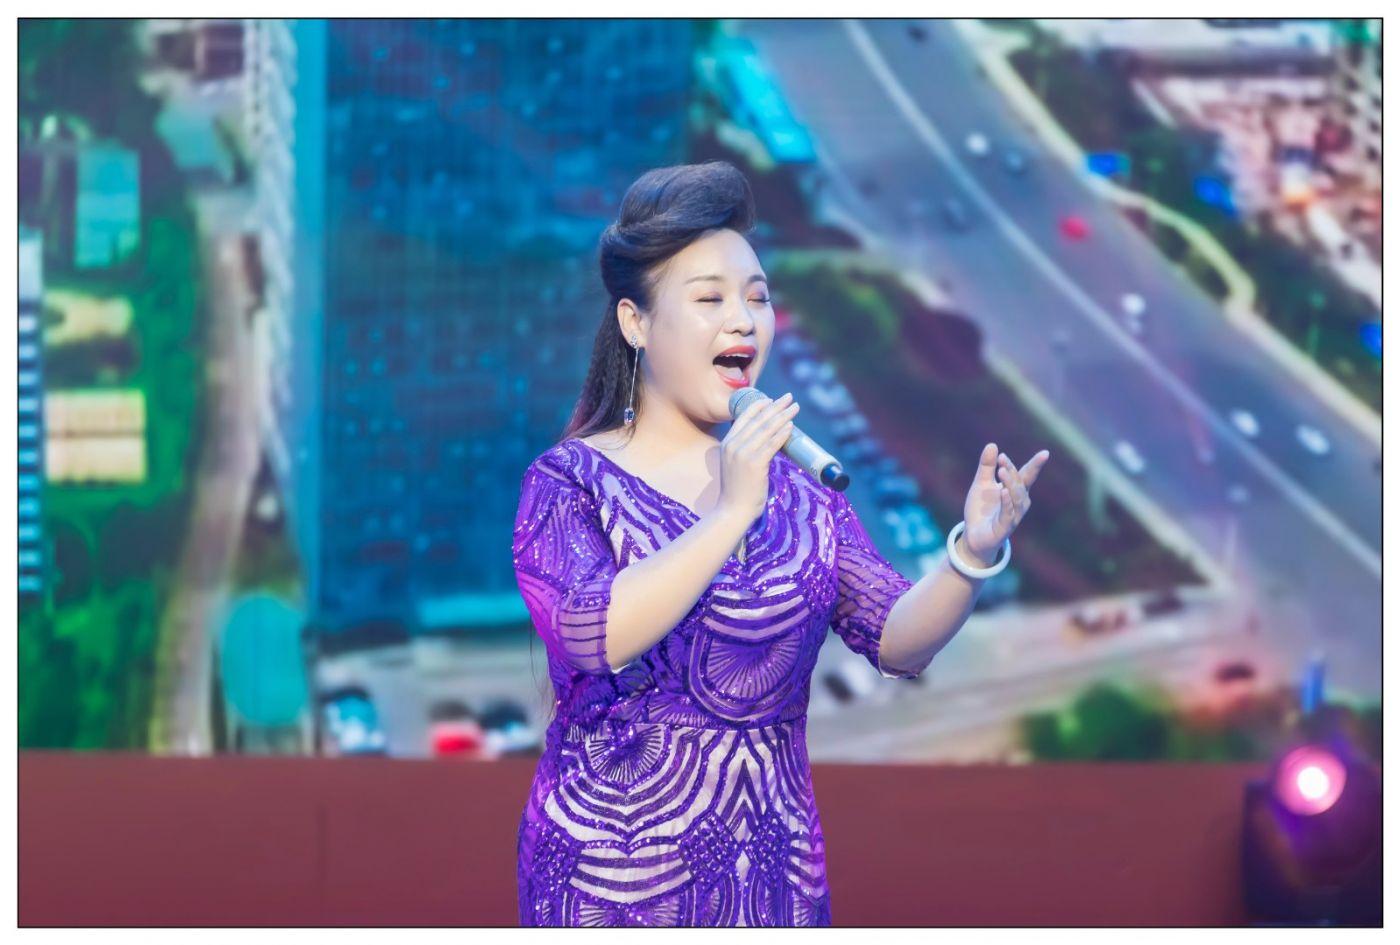 临沂姑娘杨妮妮曾感动春晚总动员 今晚在临沂电视台大放异彩 ..._图1-20